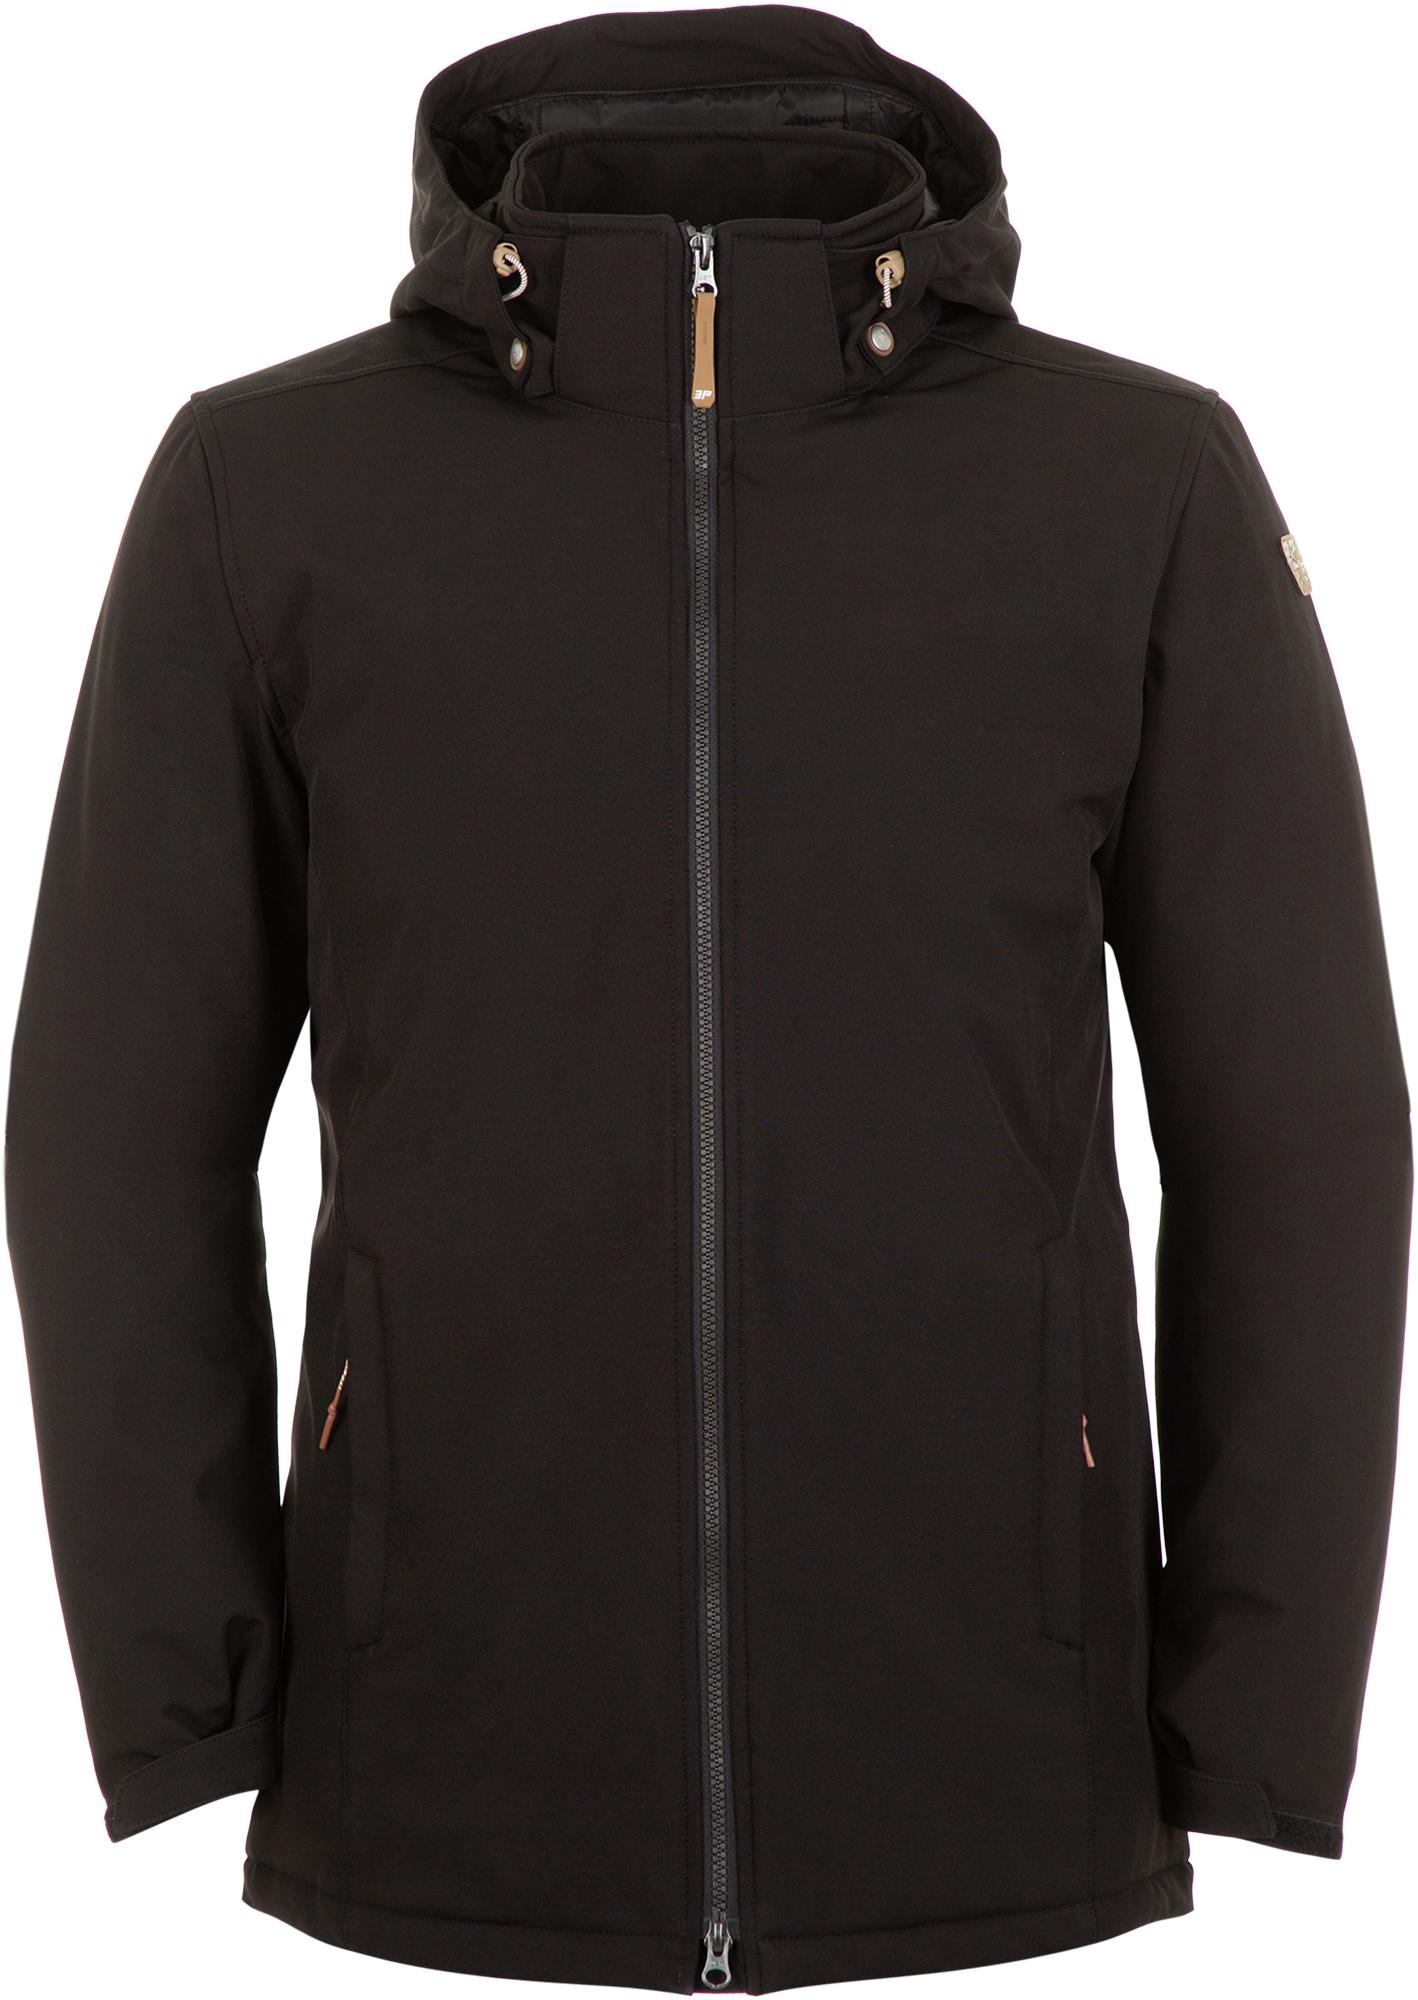 цена IcePeak Куртка утепленная мужская IcePeak Pineland, размер 56 онлайн в 2017 году